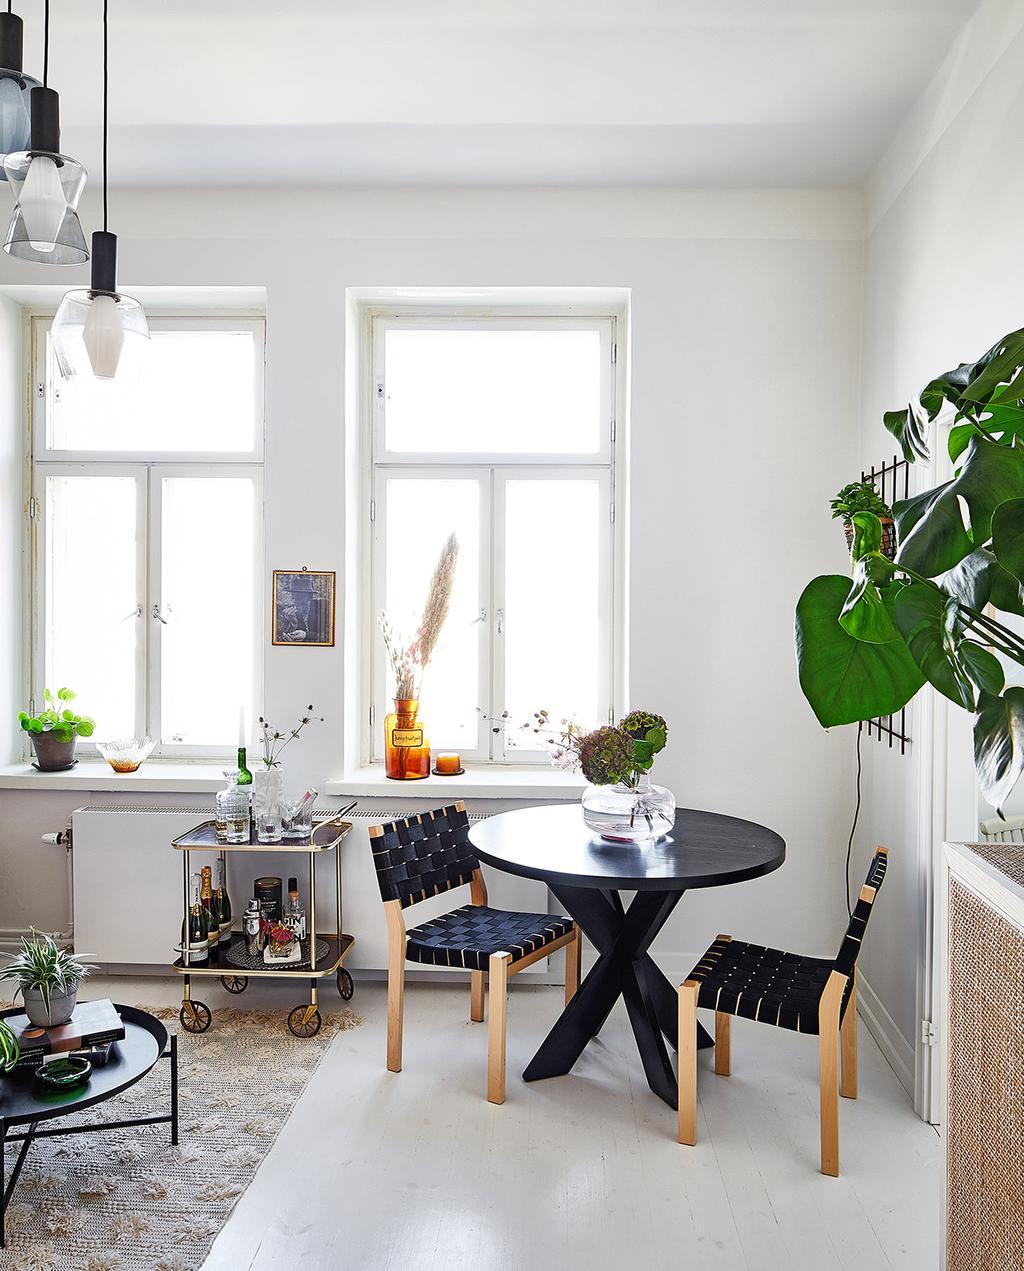 vtwonen special tiny houses | ronde zwarte eettafel met twee stoelen en een barwagen